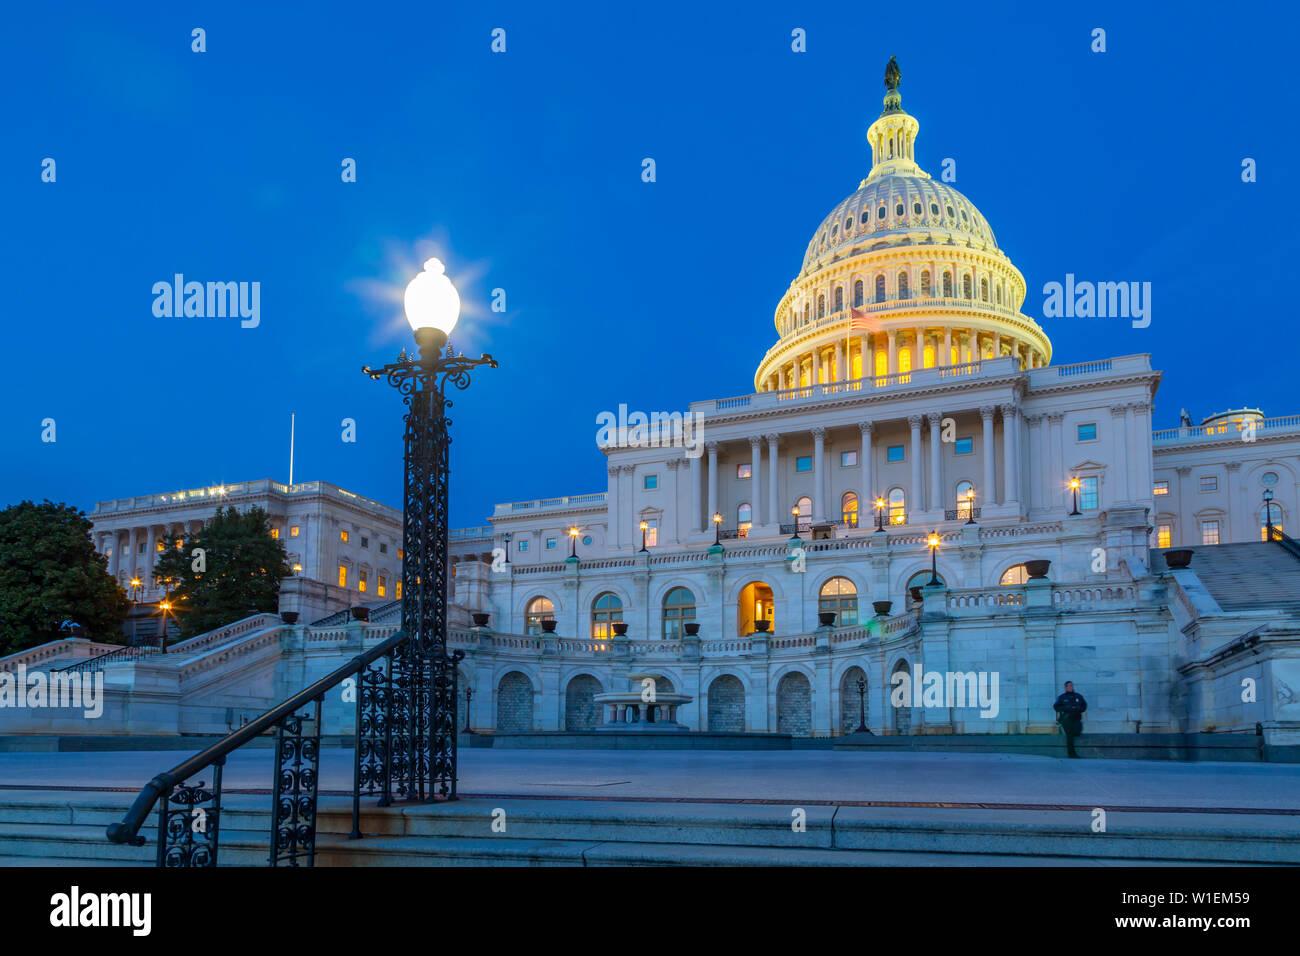 Vue sur le Capitole au crépuscule, Washington D.C., Etats-Unis d'Amérique, Amérique du Nord Banque D'Images